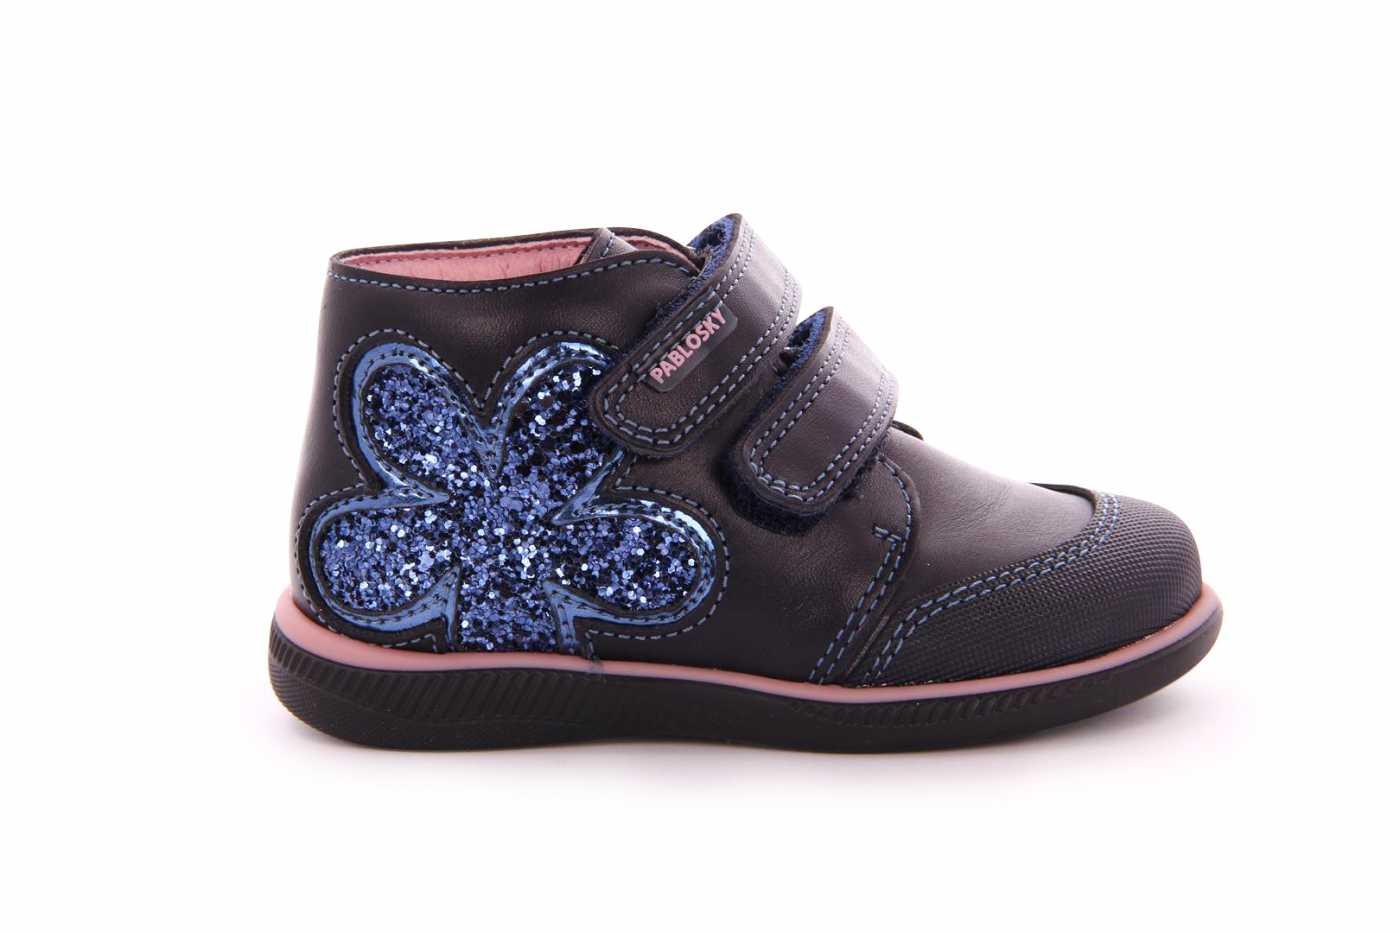 a75a2b4d0 Comprar zapato tipo JOVEN NIÑA estilo BOTAS COLOR AZUL MARINO PIEL ...